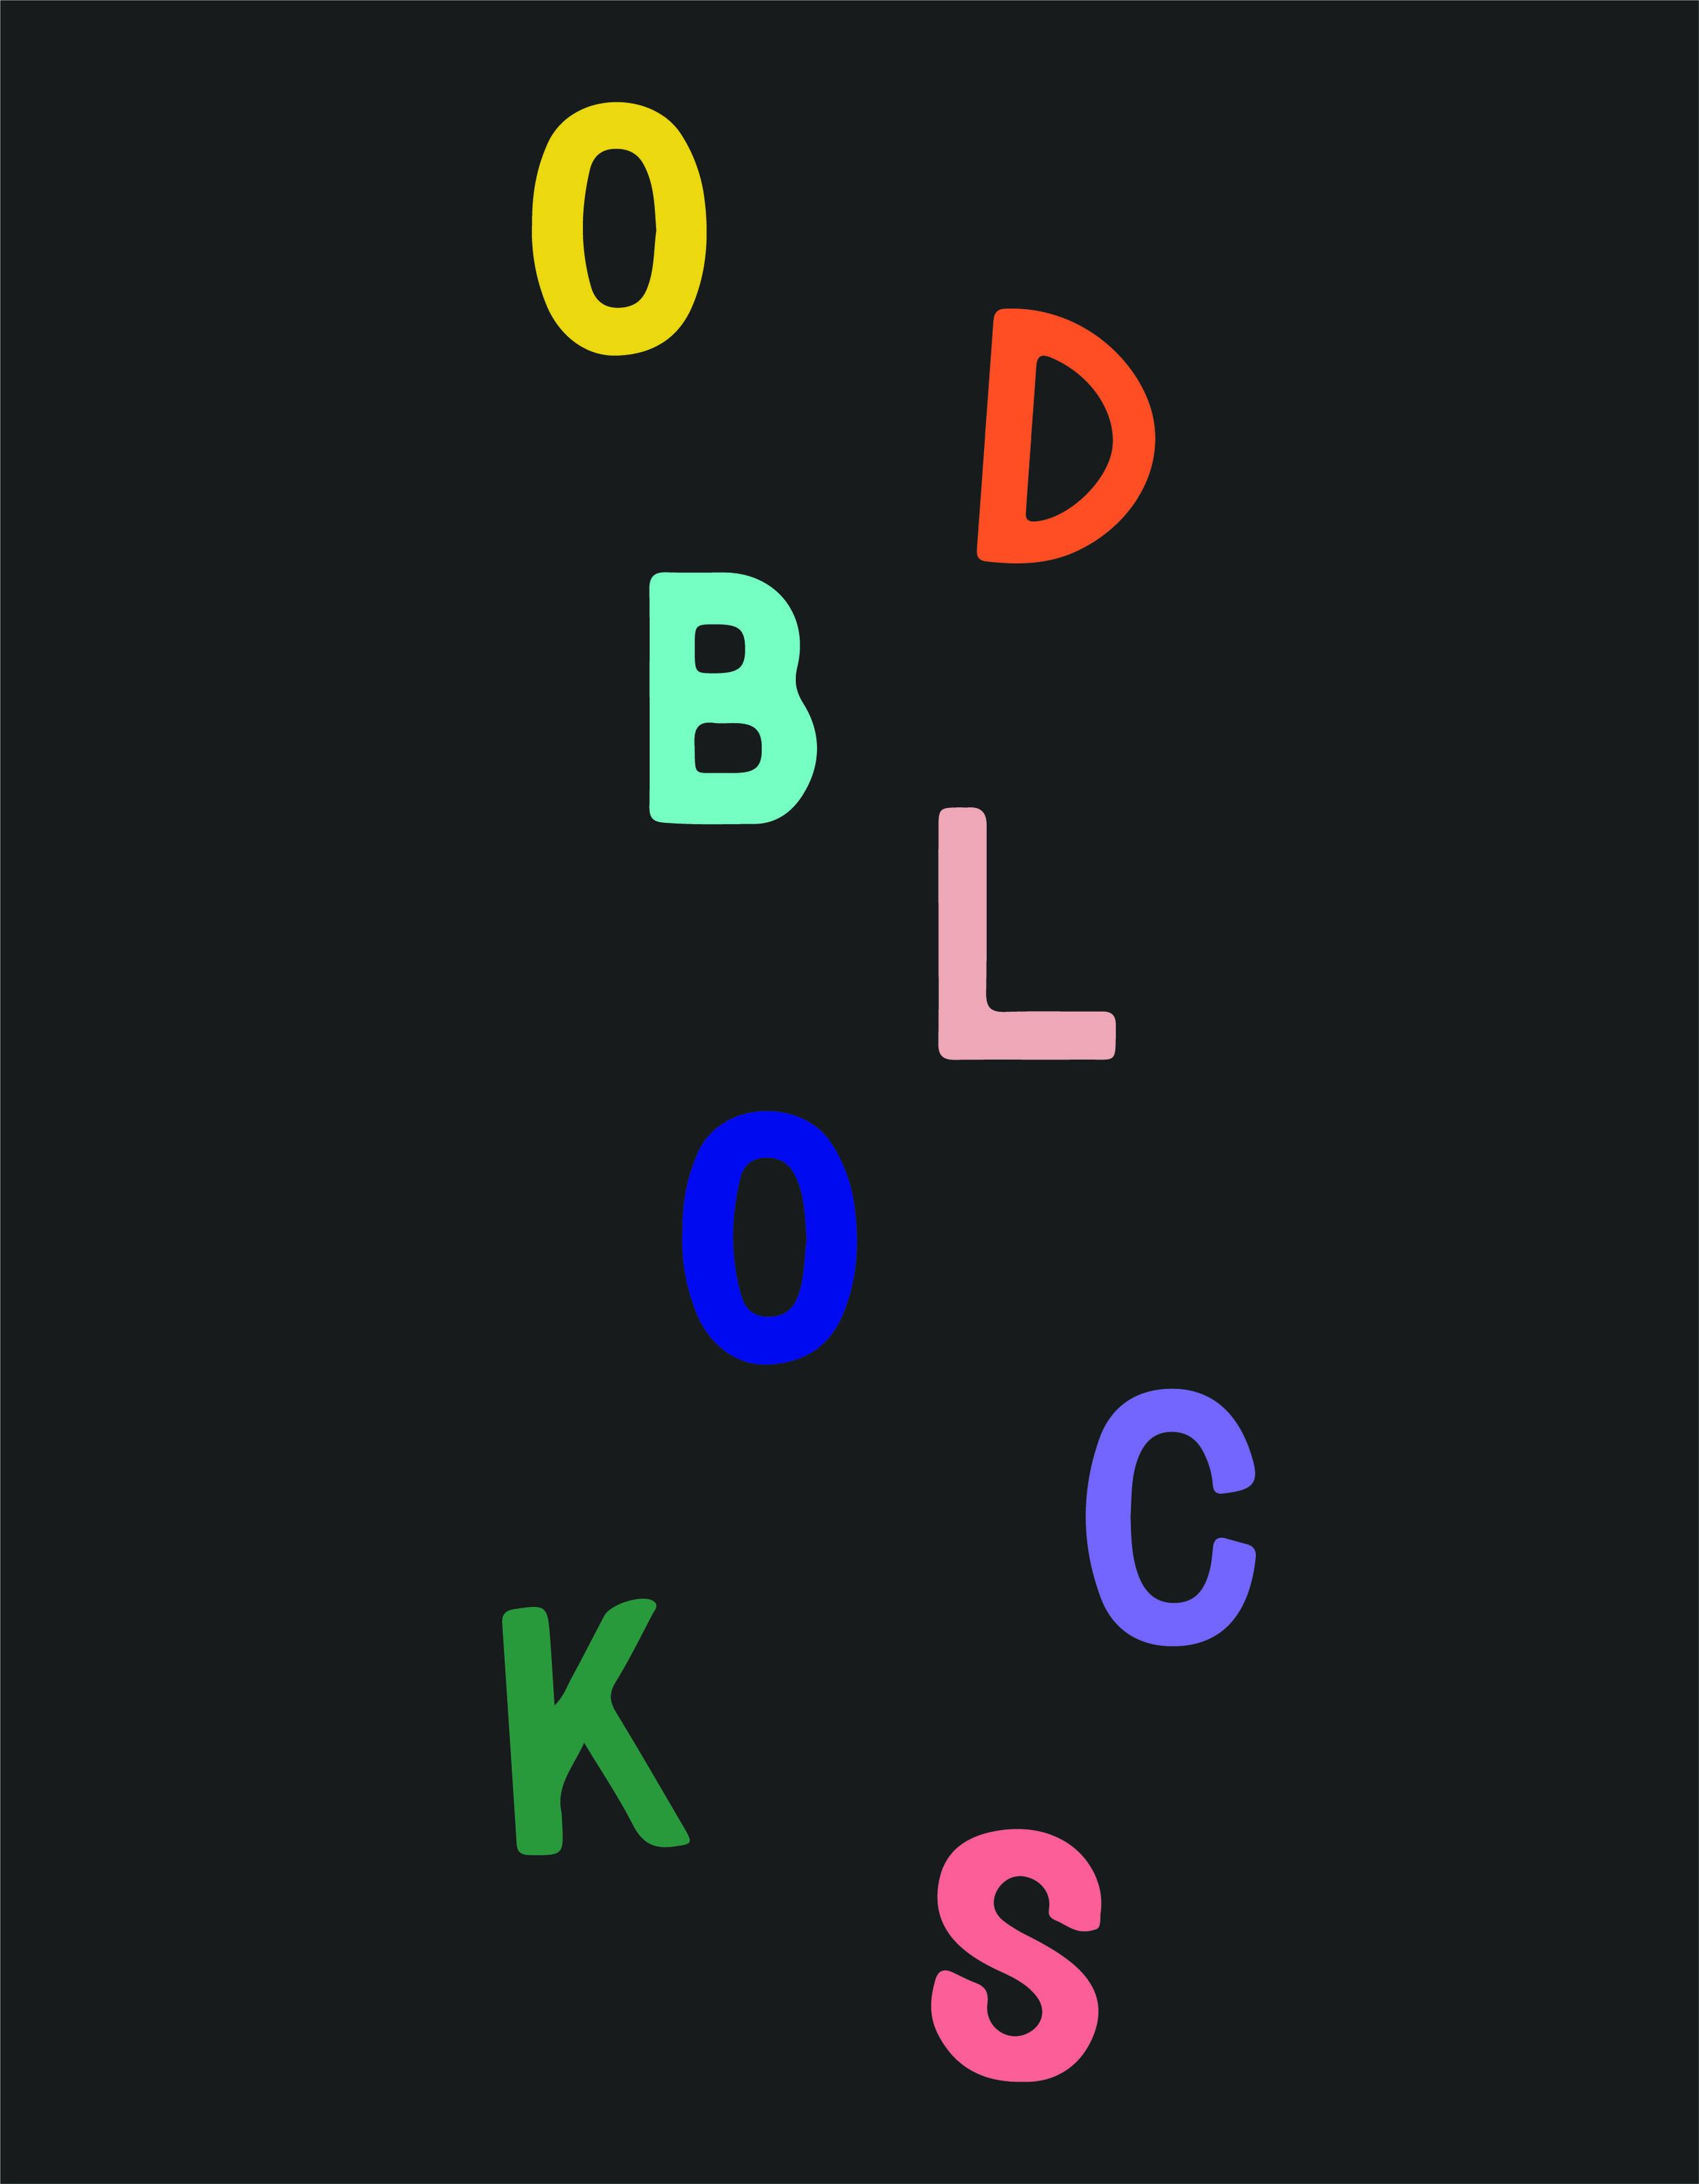 Odblocks_Poster2.jpg